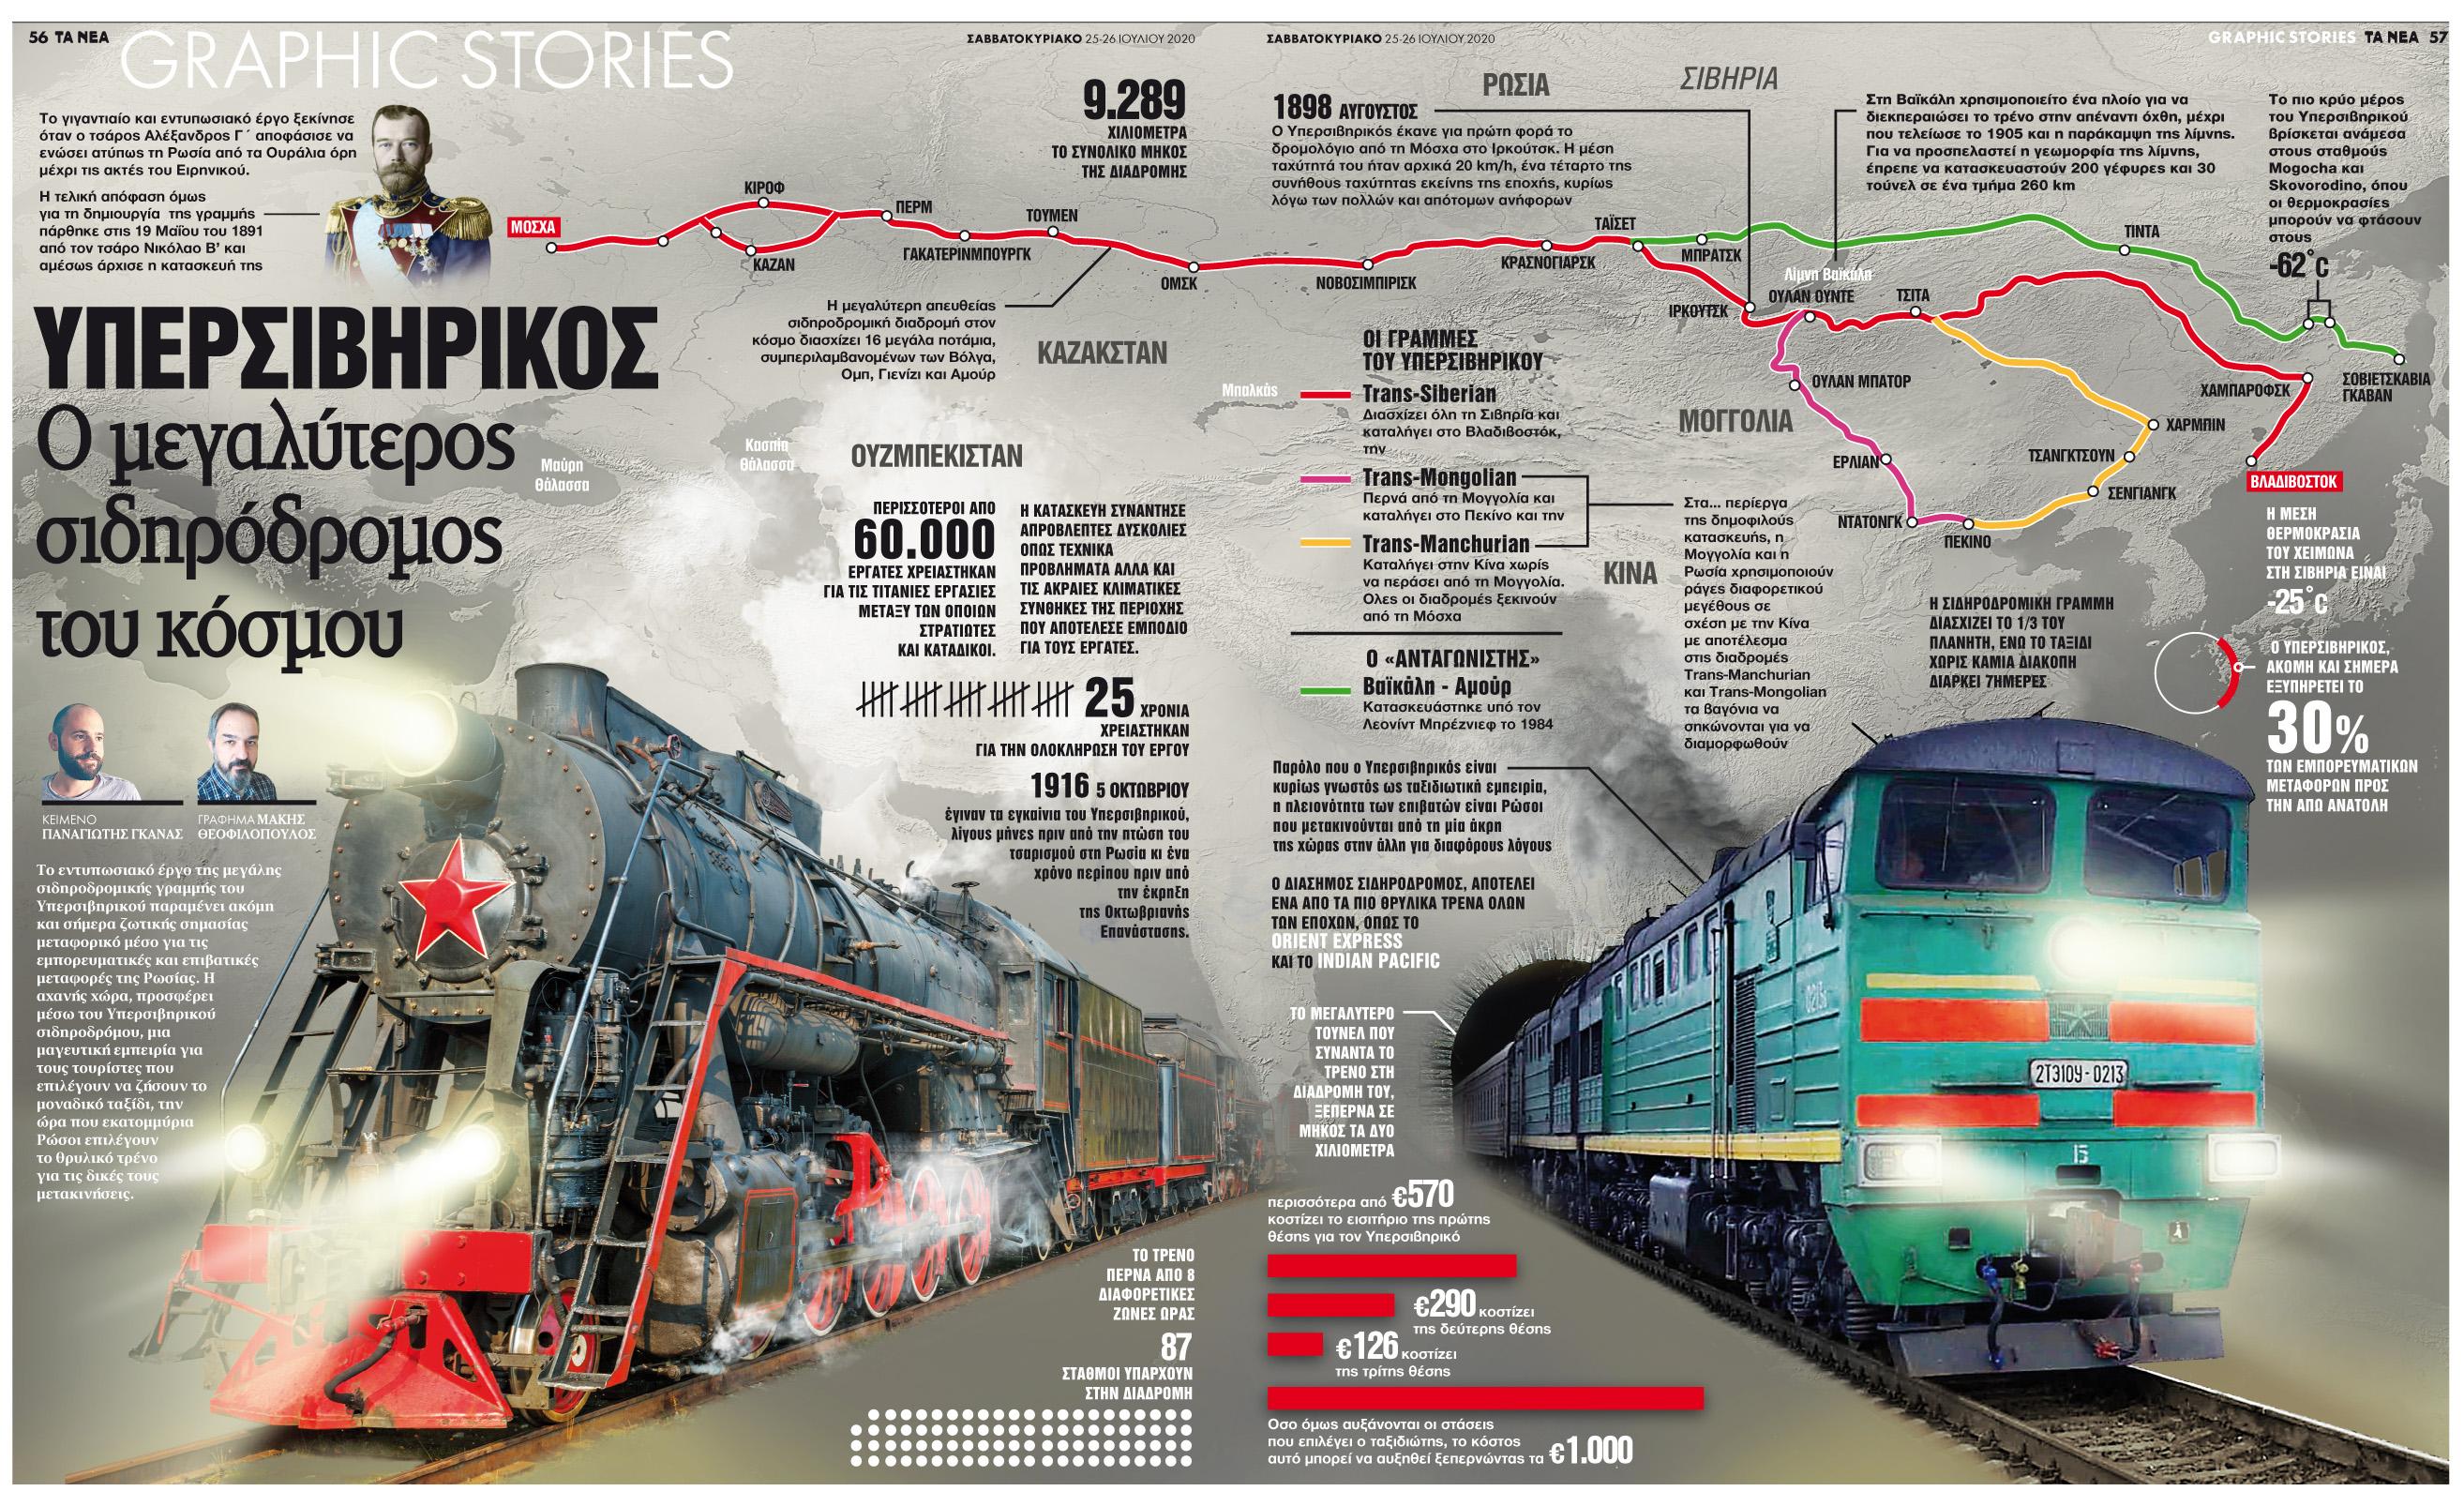 Υπερσιβηρικός: Ο μεγαλύτερος σιδηρόδρομος του κόσμου - ΤΑ ΝΕΑ